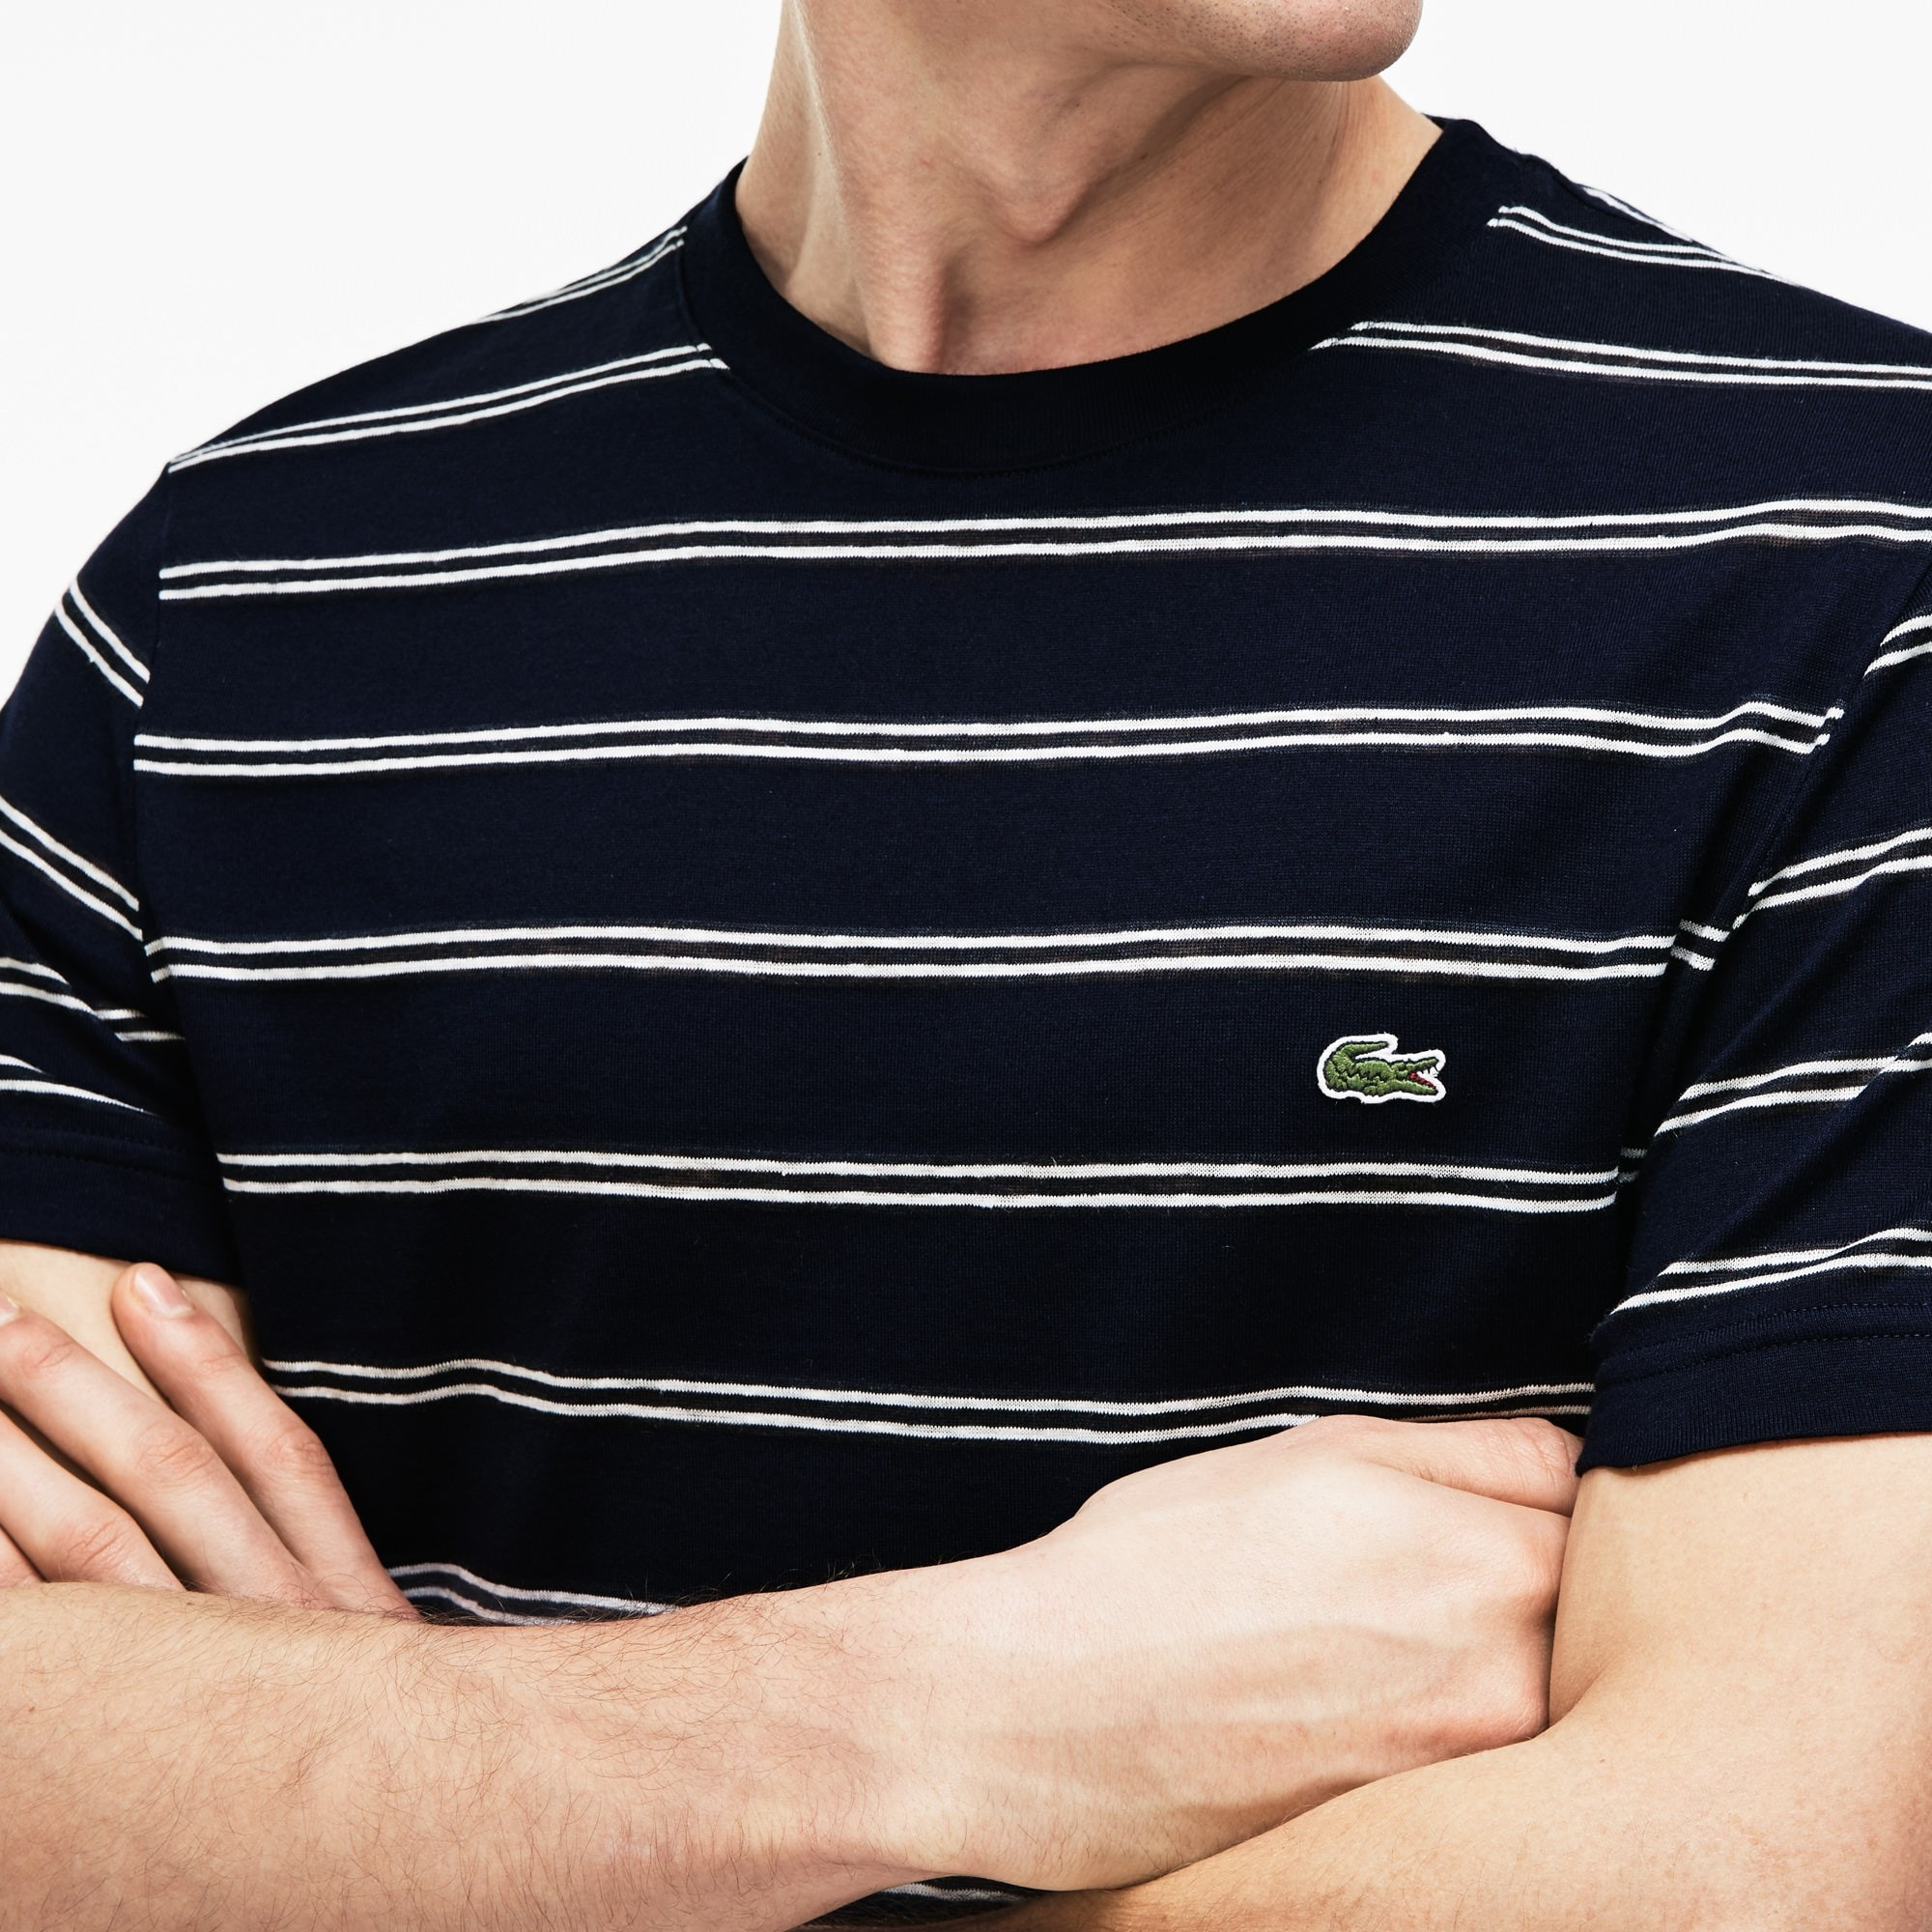 Herren-Rundhals-T-Shirt aus Baumwolle und Leinen mit Streifen